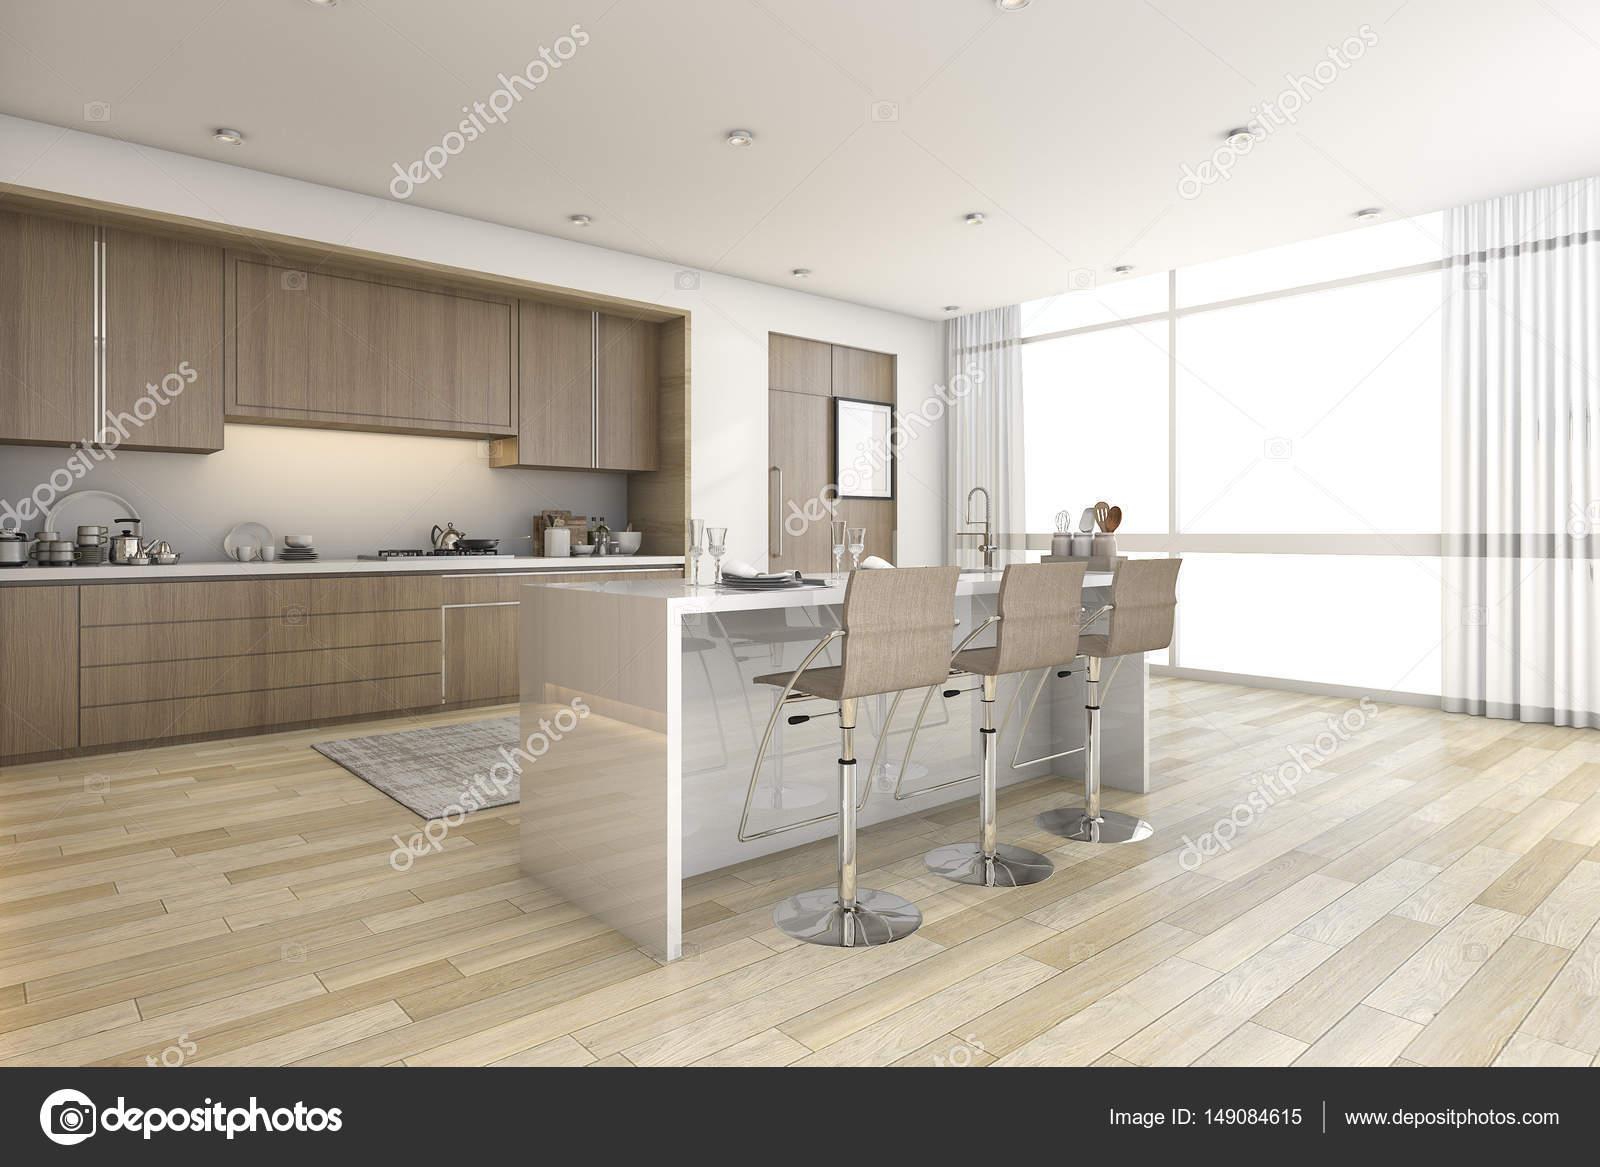 3D Rendering Holz Bar Küche in der Nähe von Fenster — Stockfoto ...